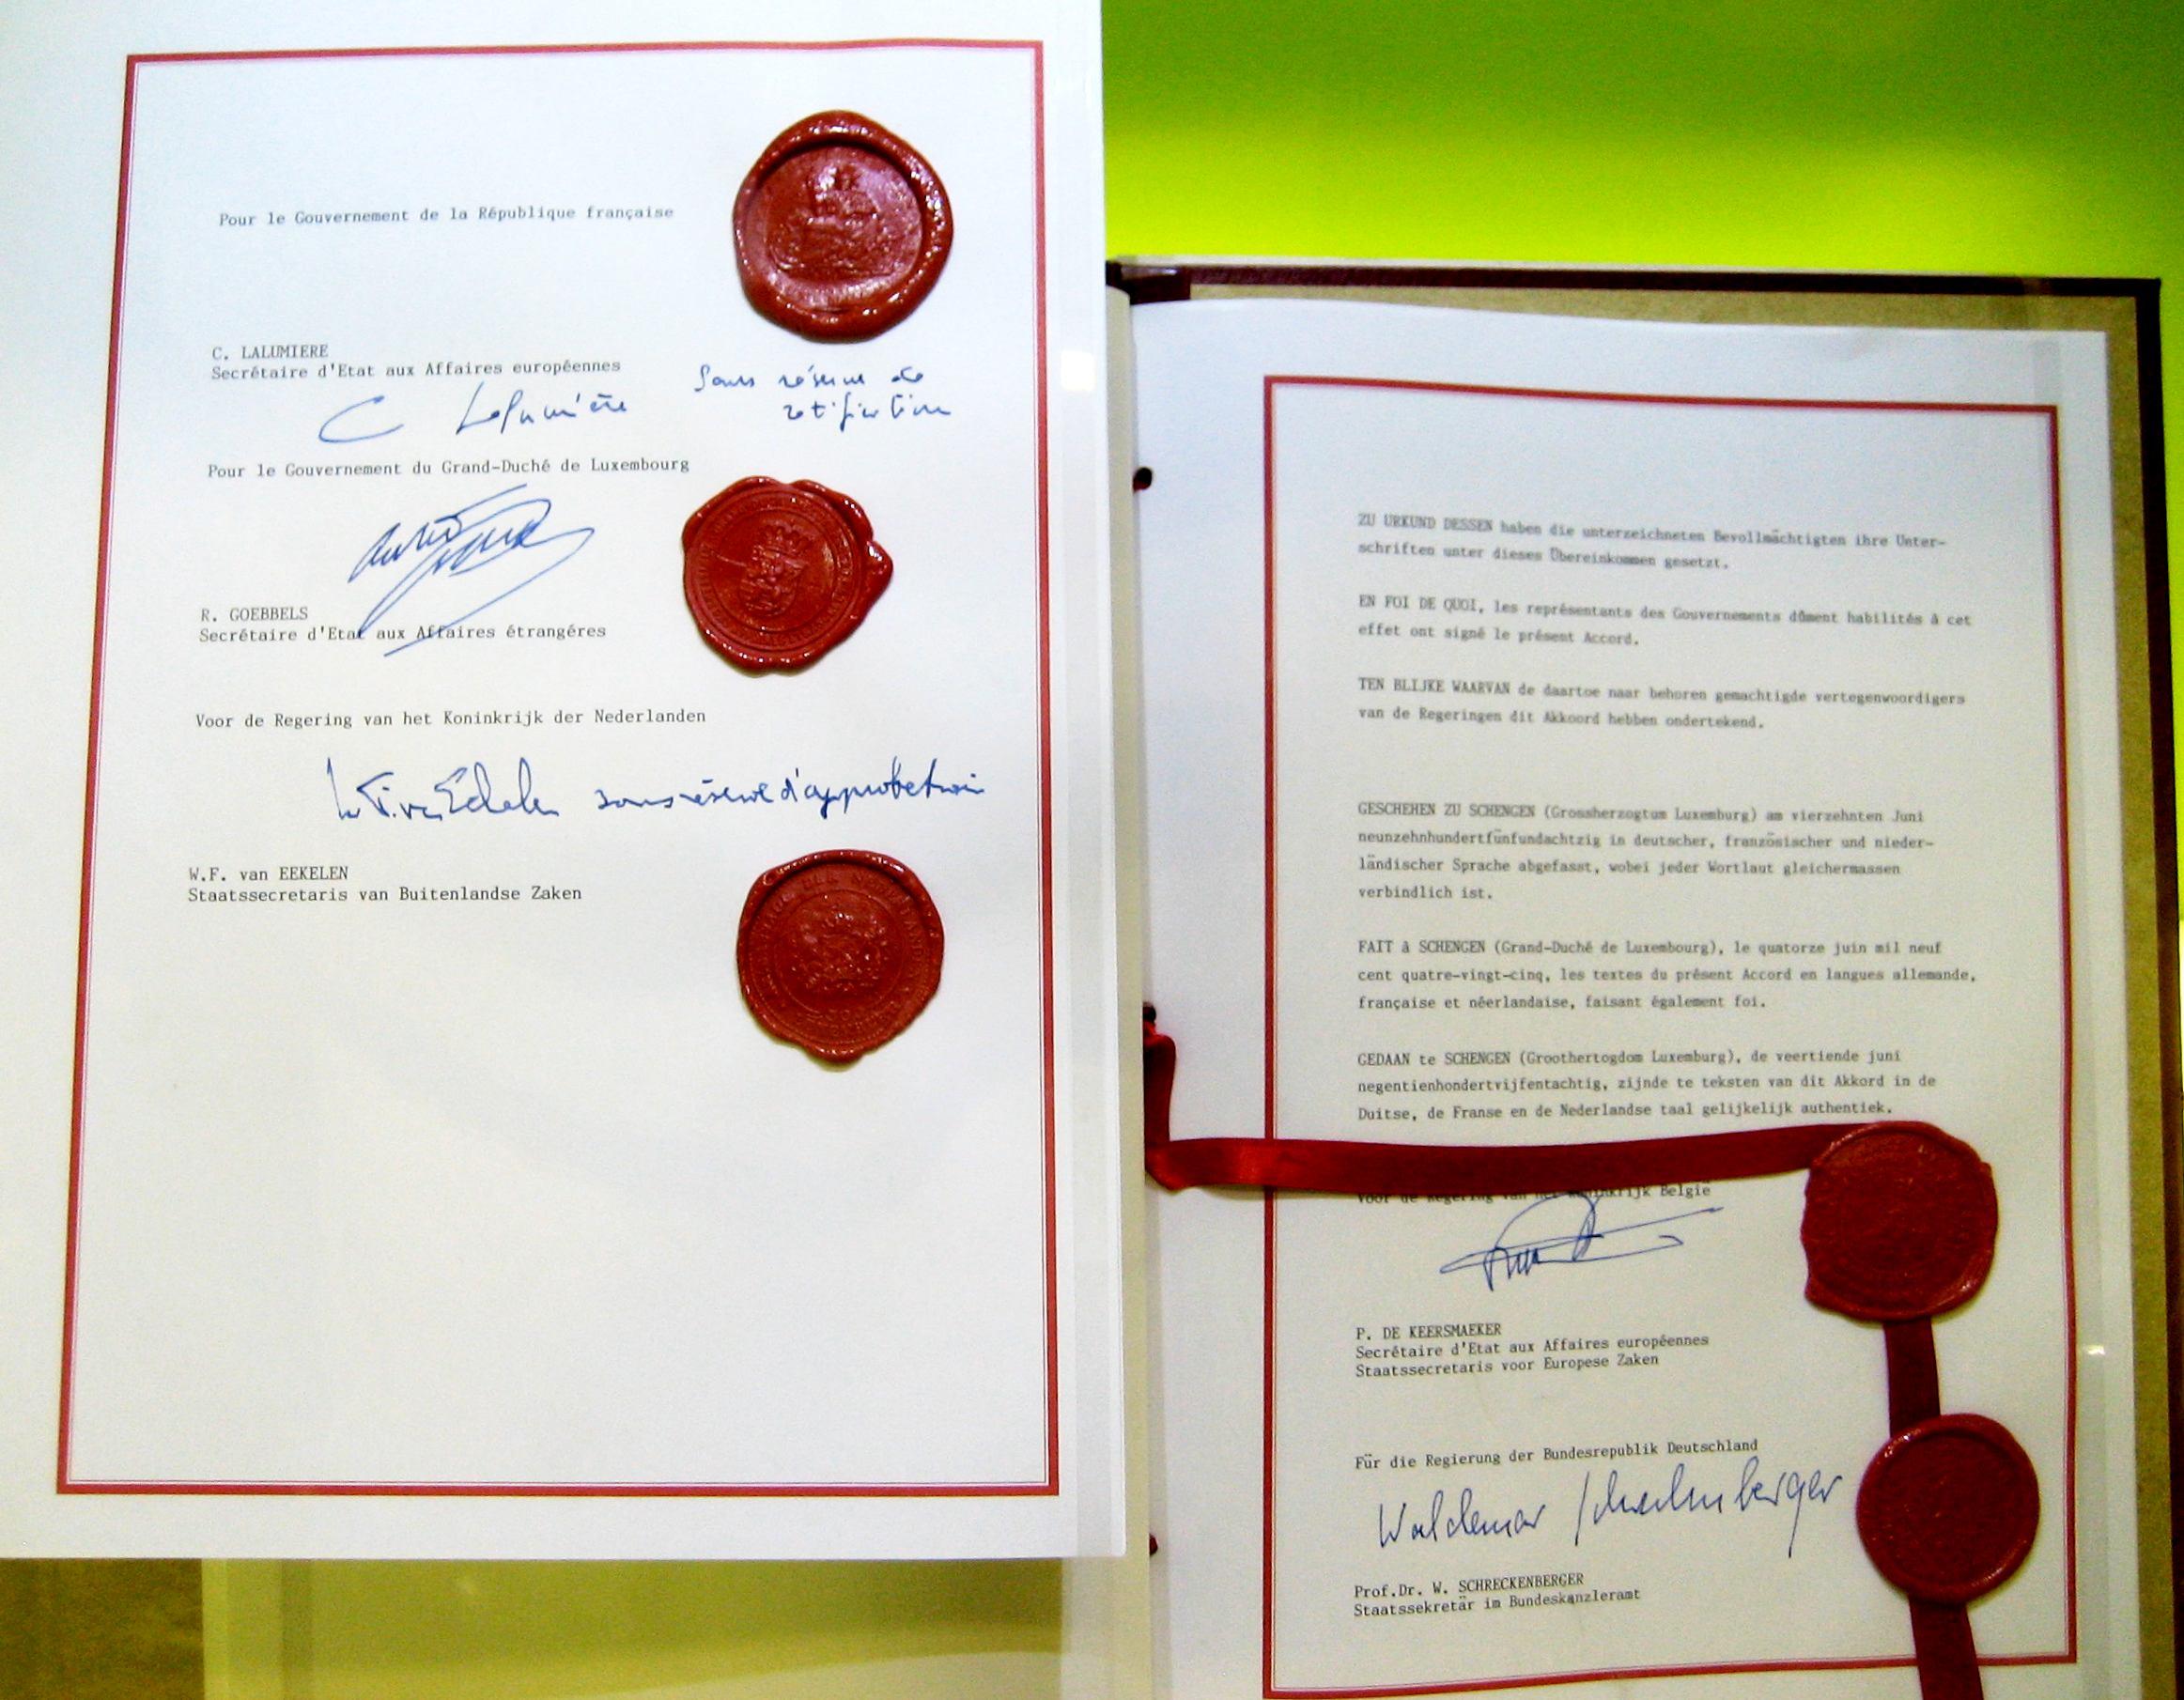 Schengenská dohoda, foto: Wikimedia Commons, CC BY-SA 3.0